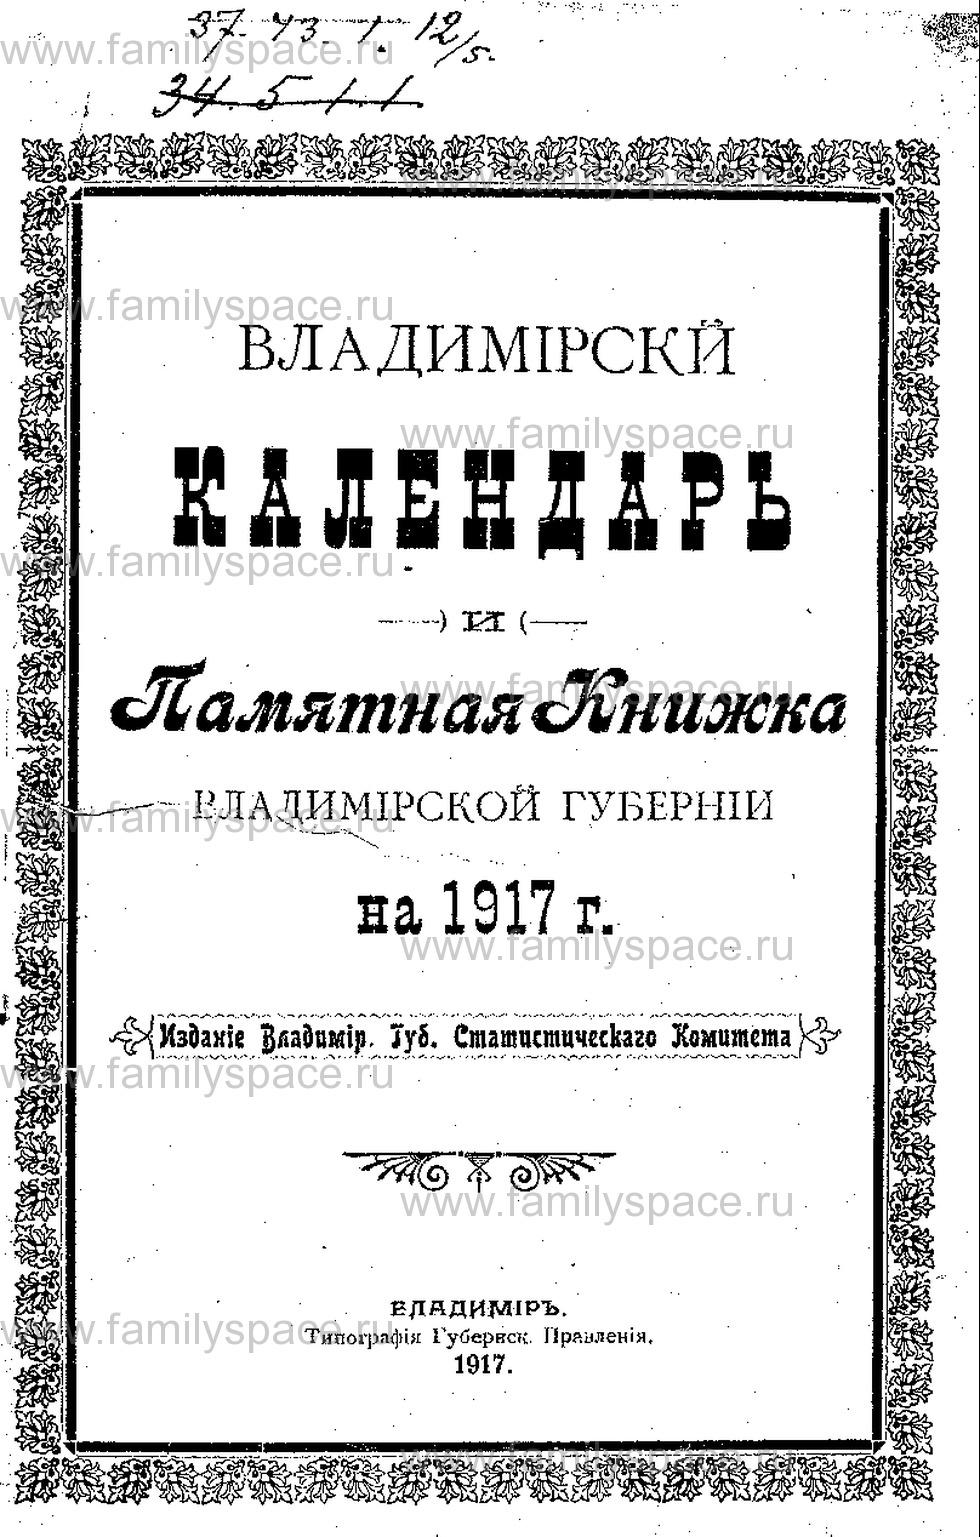 Поиск по фамилии - Владимирский календарь и памятная книжка Владимирской губернии на 1917 г, страница 1